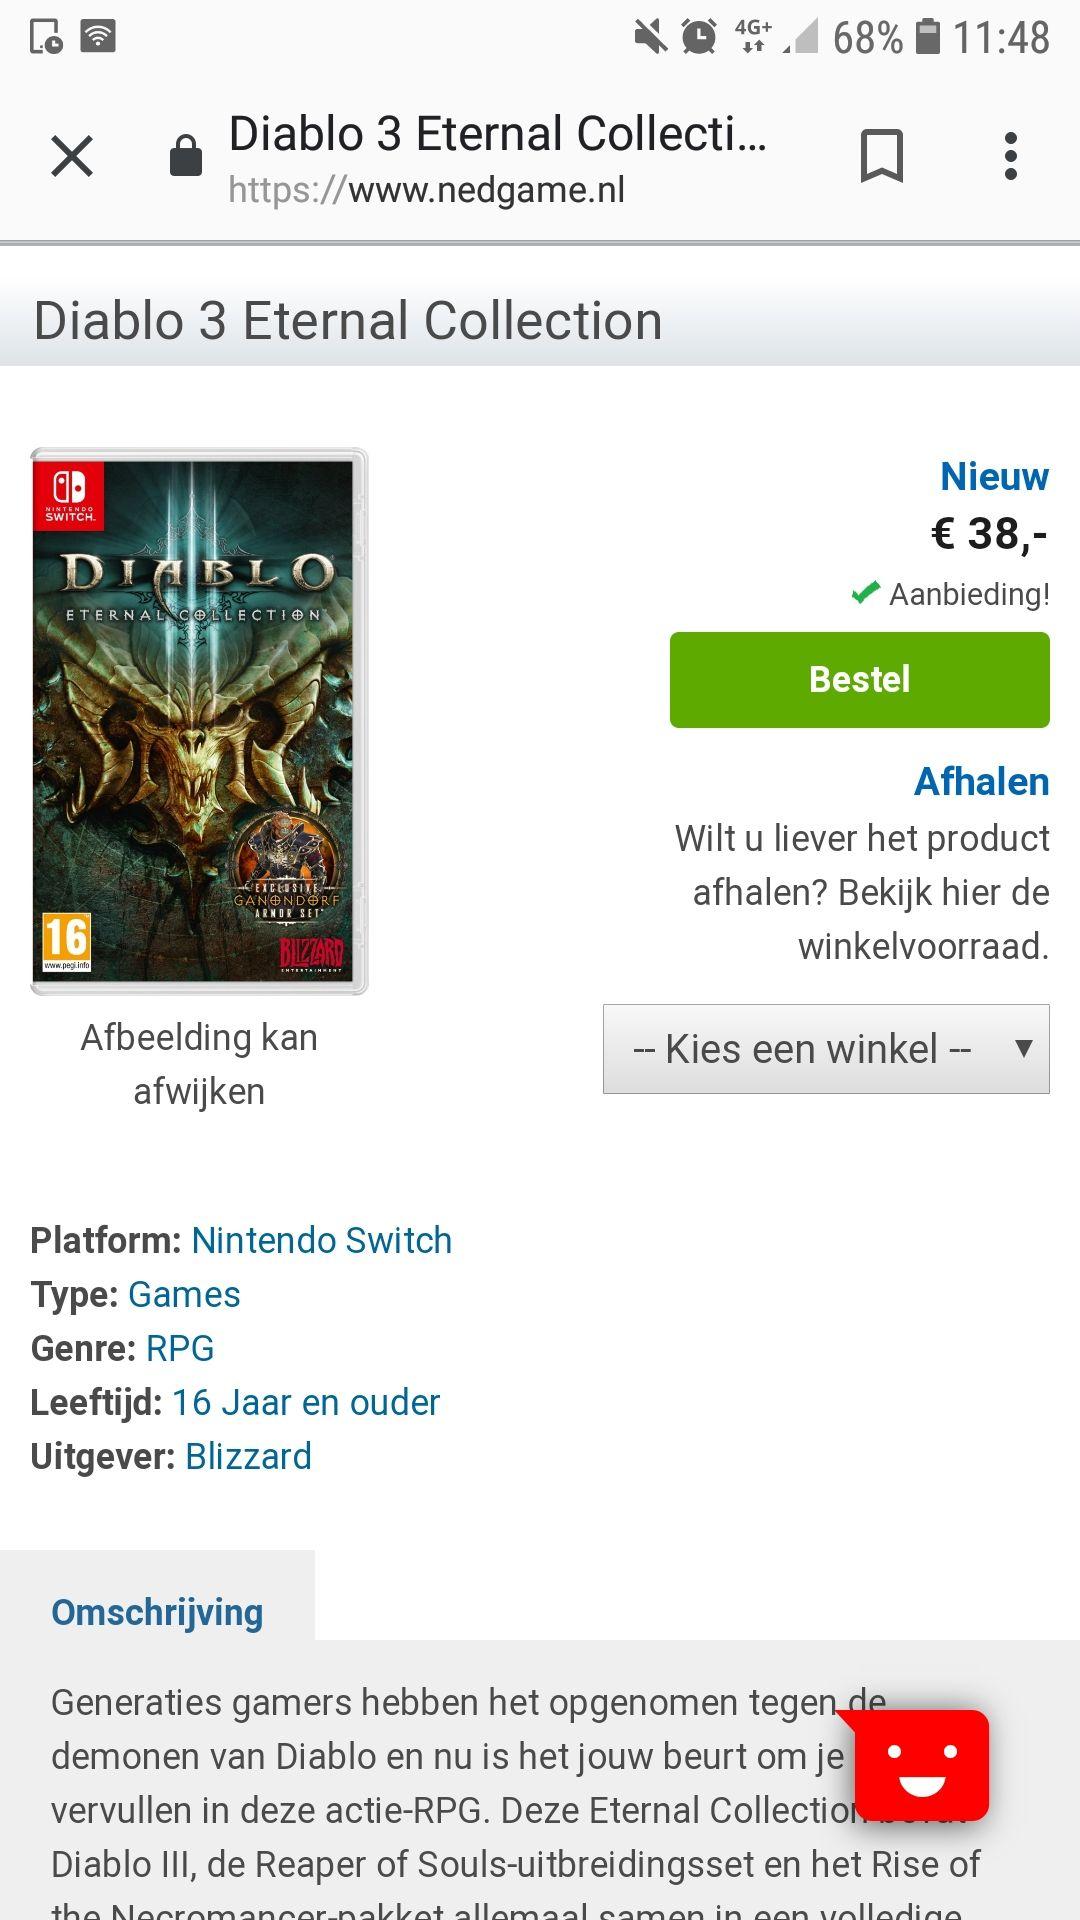 Diablo 3 nintendo switch nu voor 38 euro bij nedgame (normaal 60 euro)